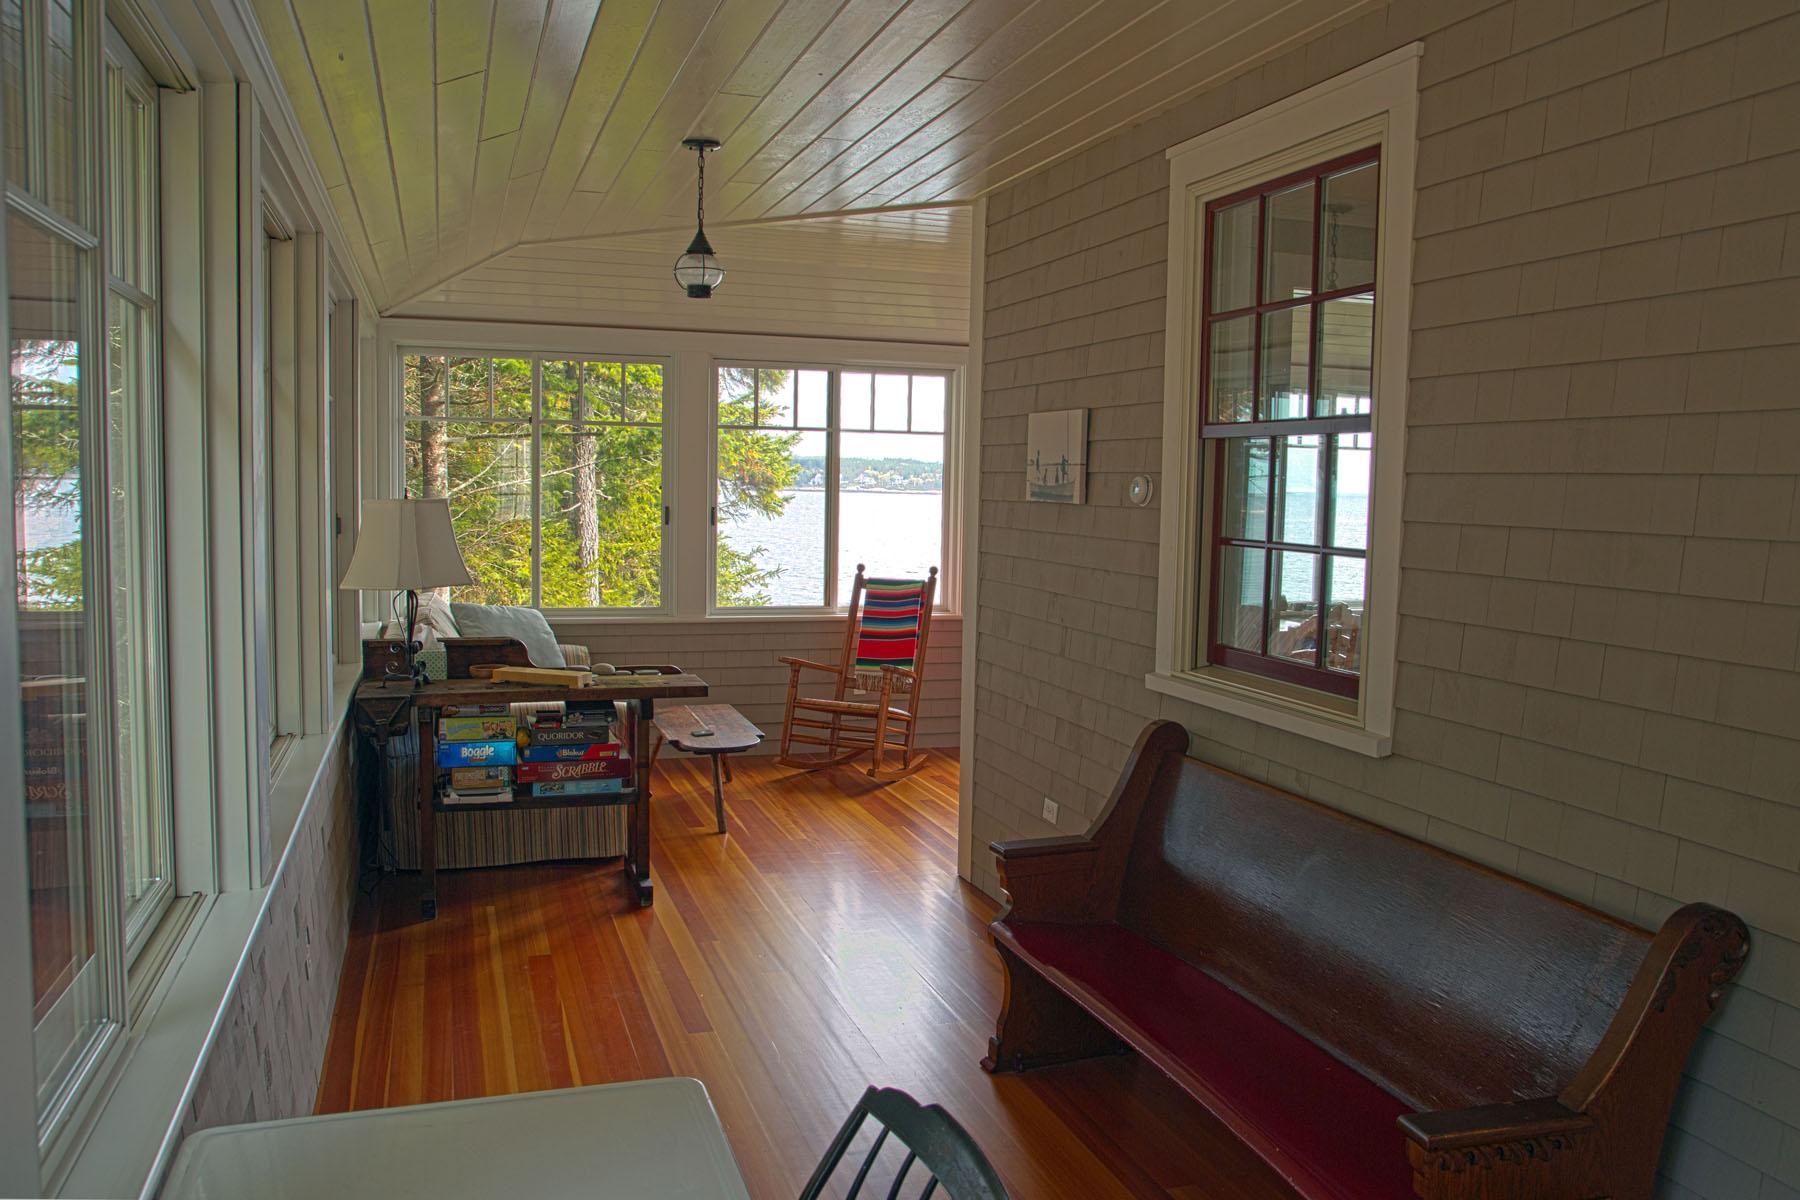 interior porch 3.jpg